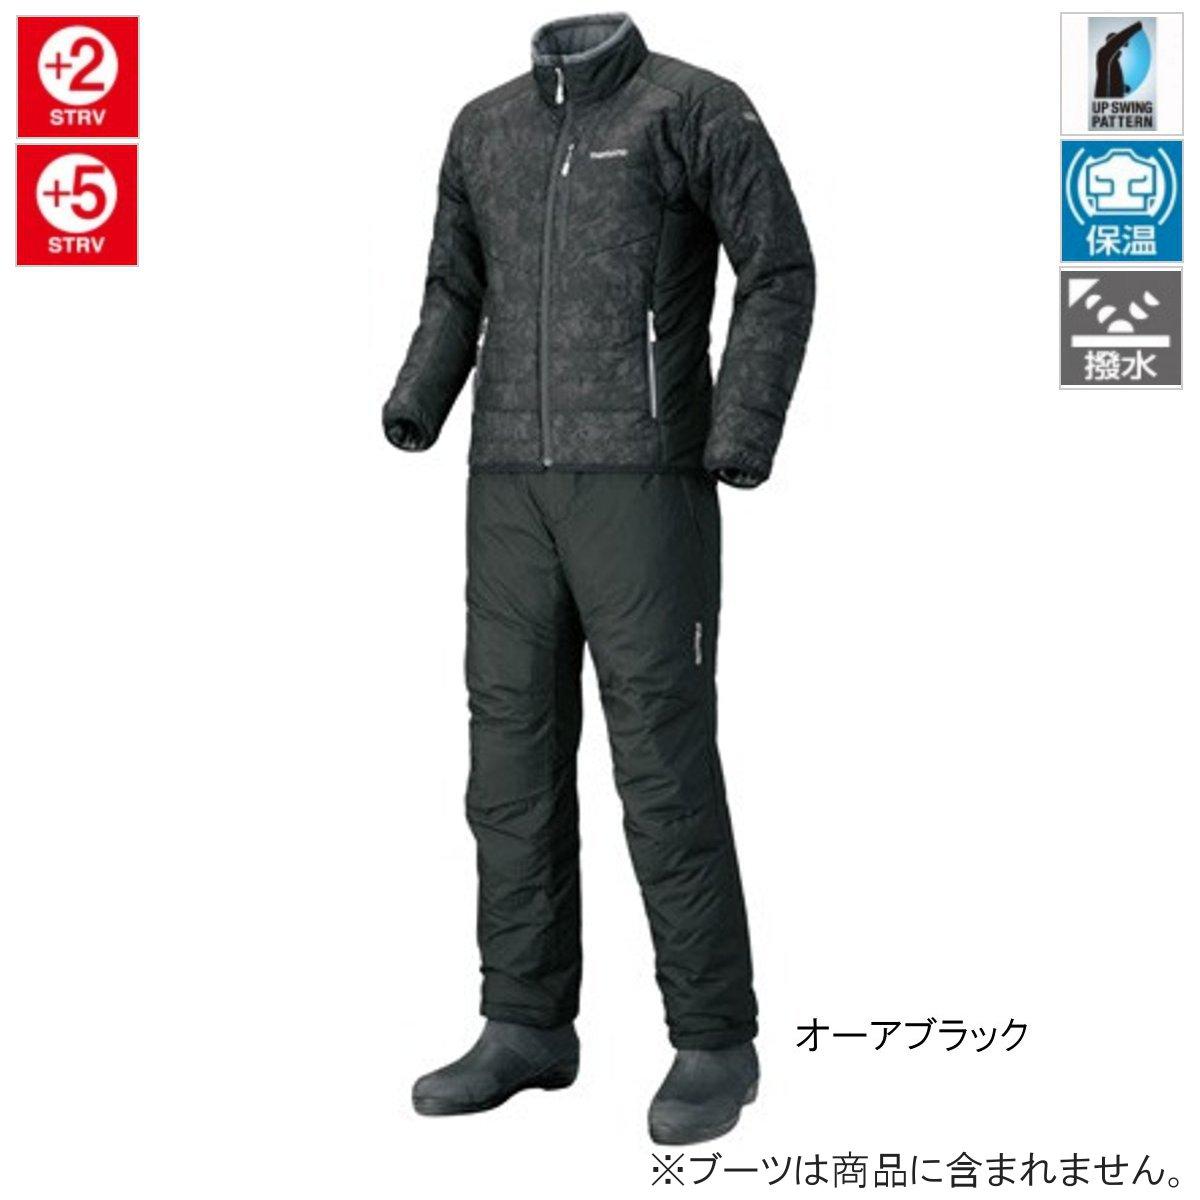 シマノ ベーシック インシュレーション スーツ MD-055Q M オーアブラック(東日本店)